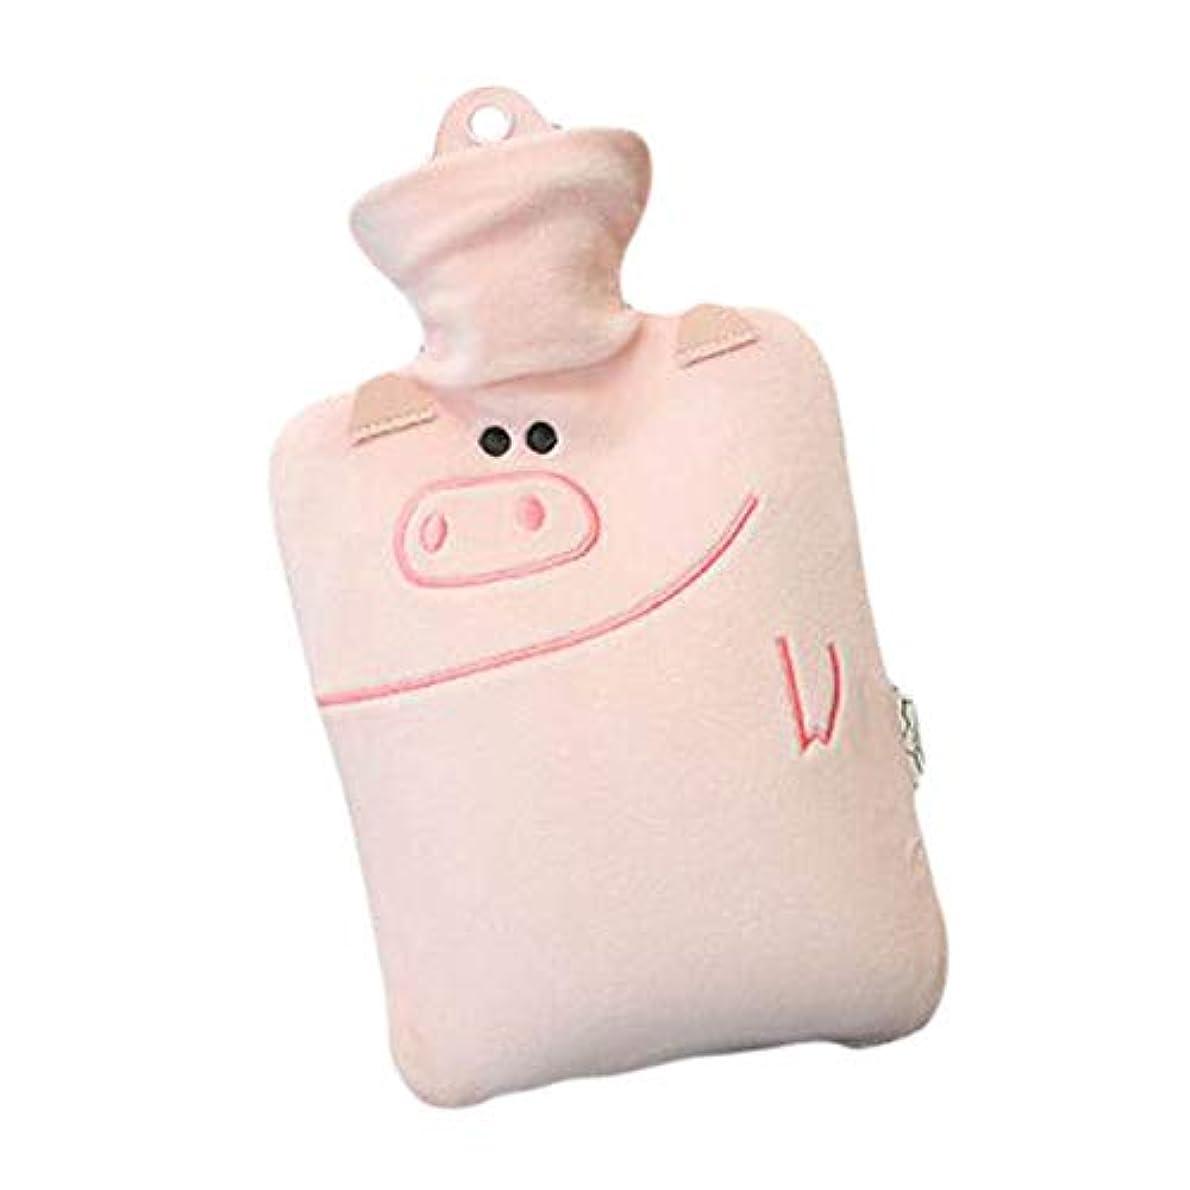 アジャライトニングびっくりした愛らしいピンクの豚のパターン400 MLホットウォーターボトル